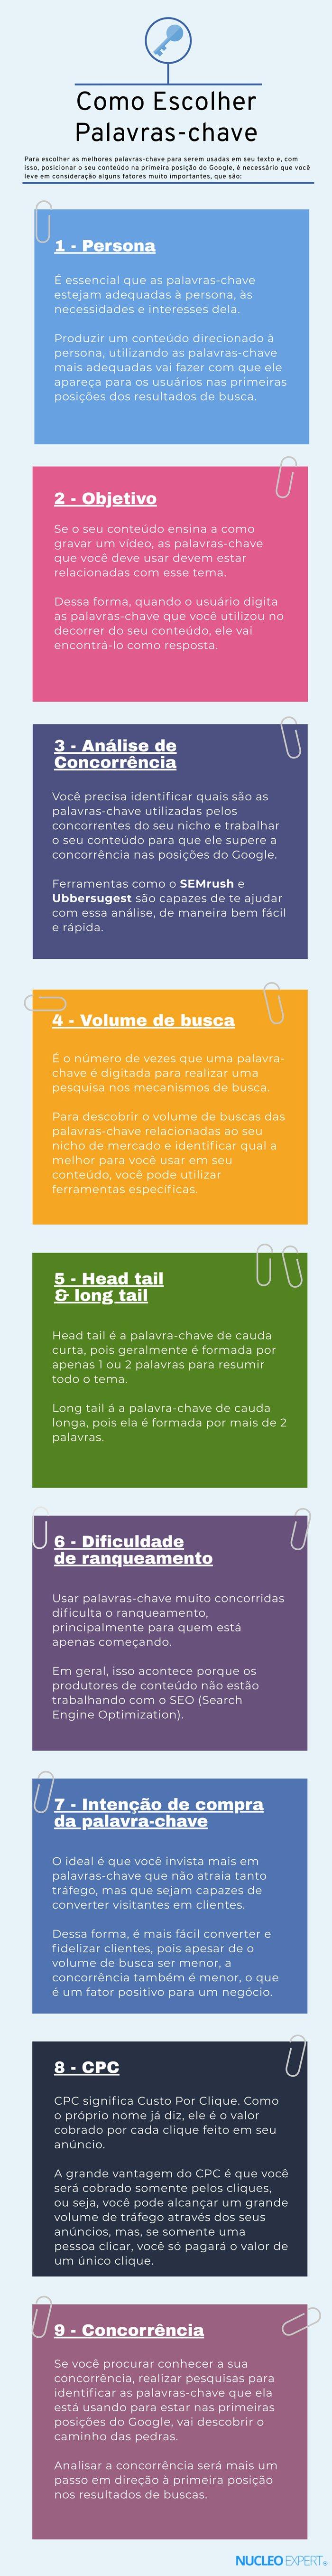 Infográfico | Como Escolher Palavras-chave